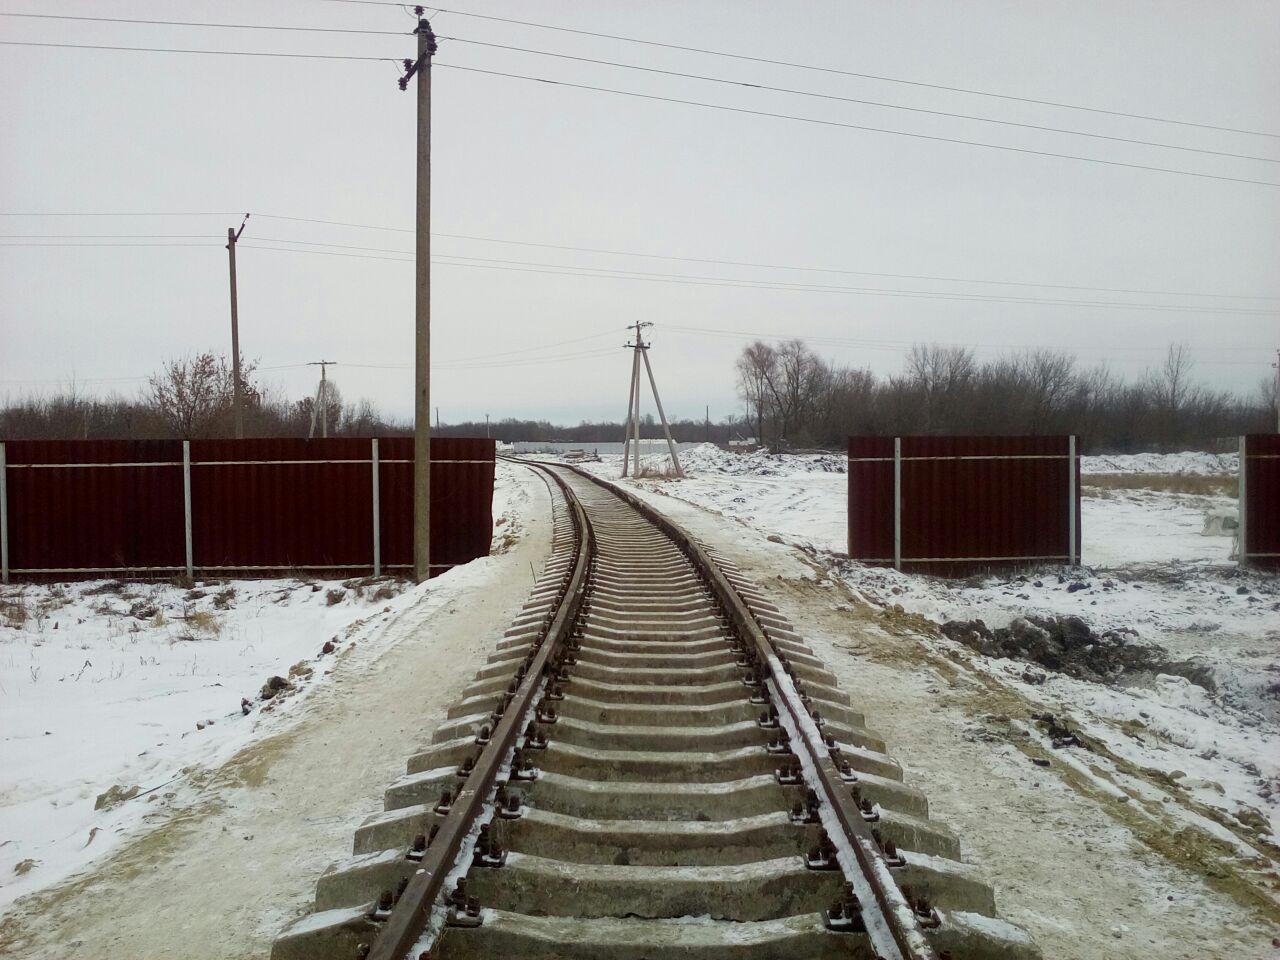 ЖД путь в зимнее время на объекте Чакинская нефтебаза